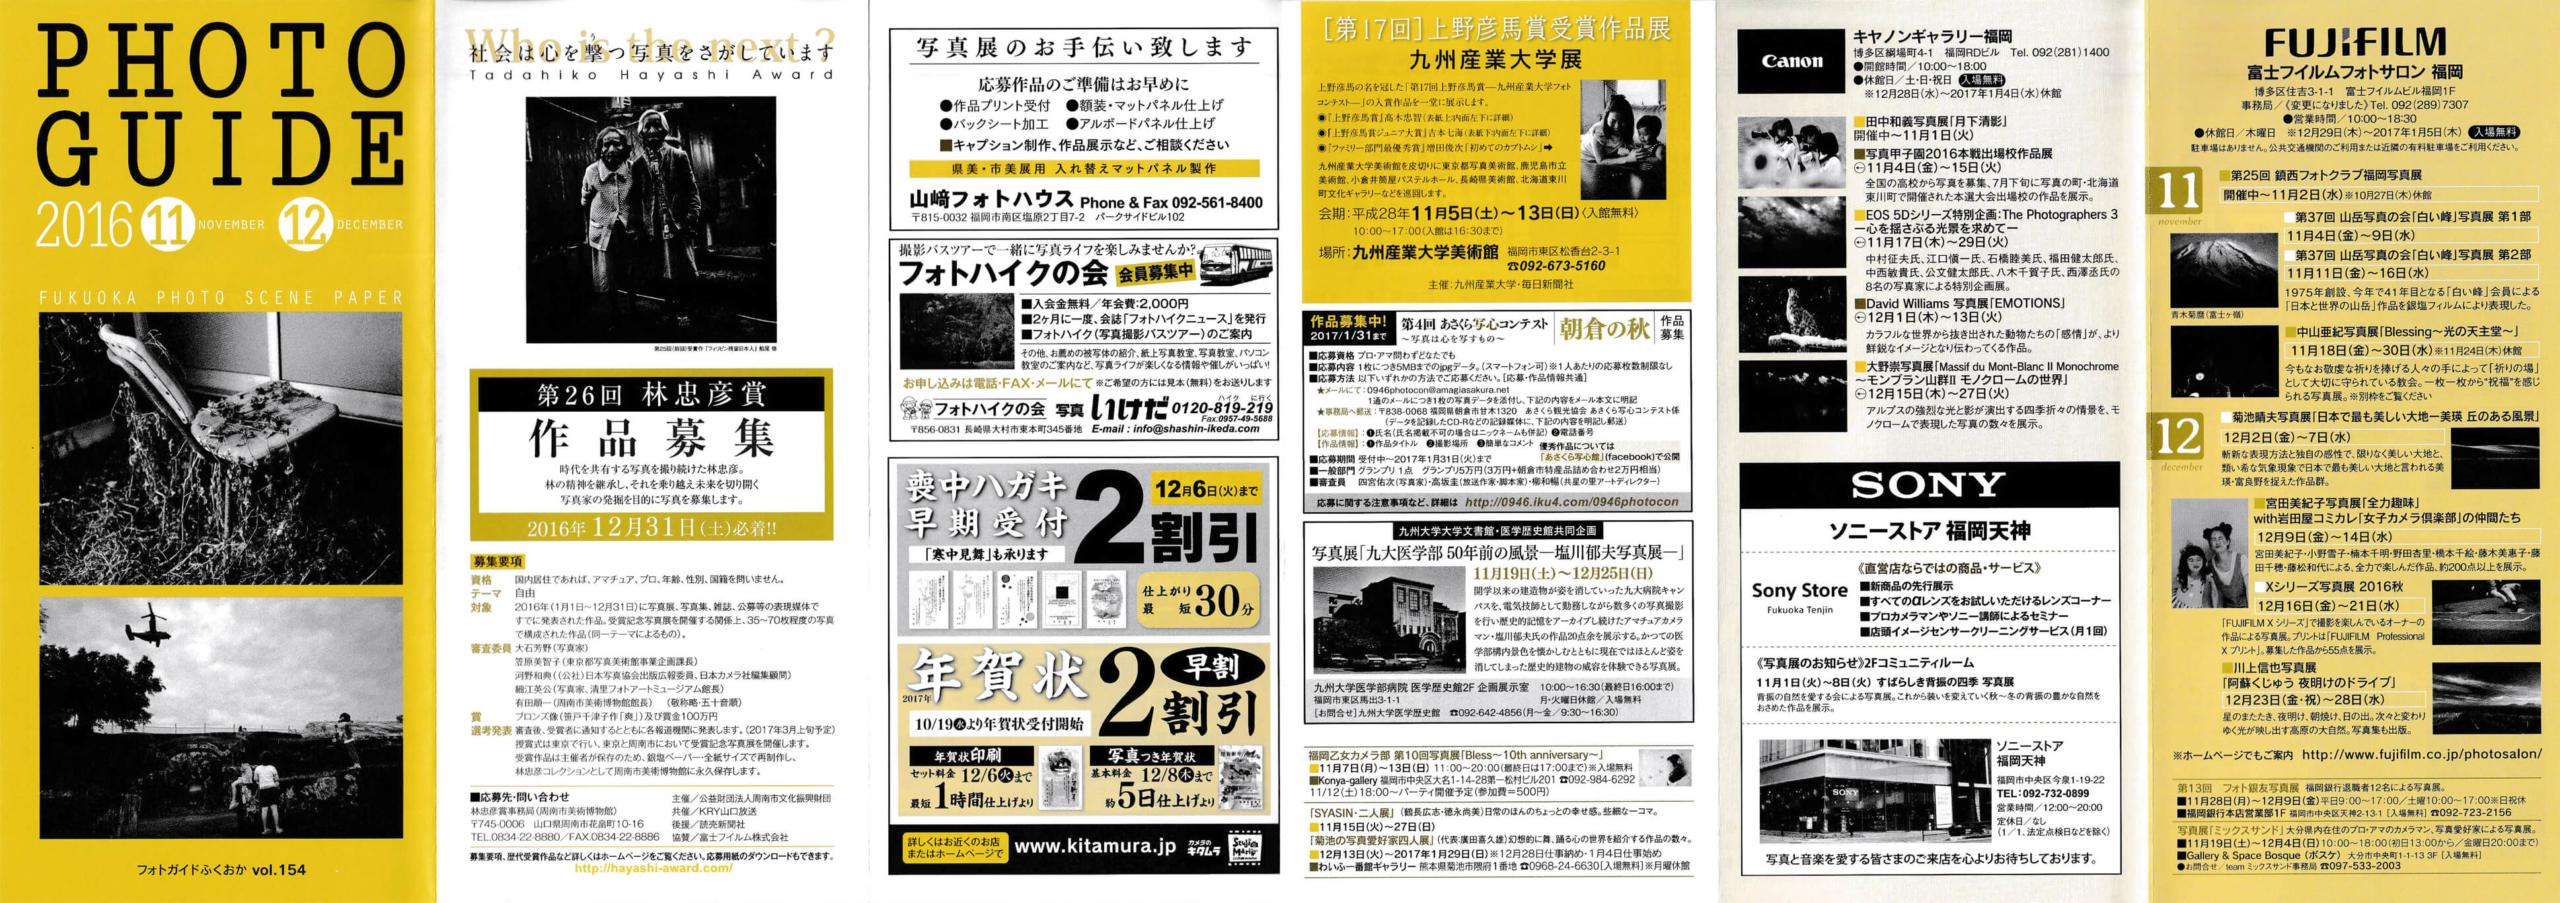 フォトガイドふくおか|アーカイブ|vol154